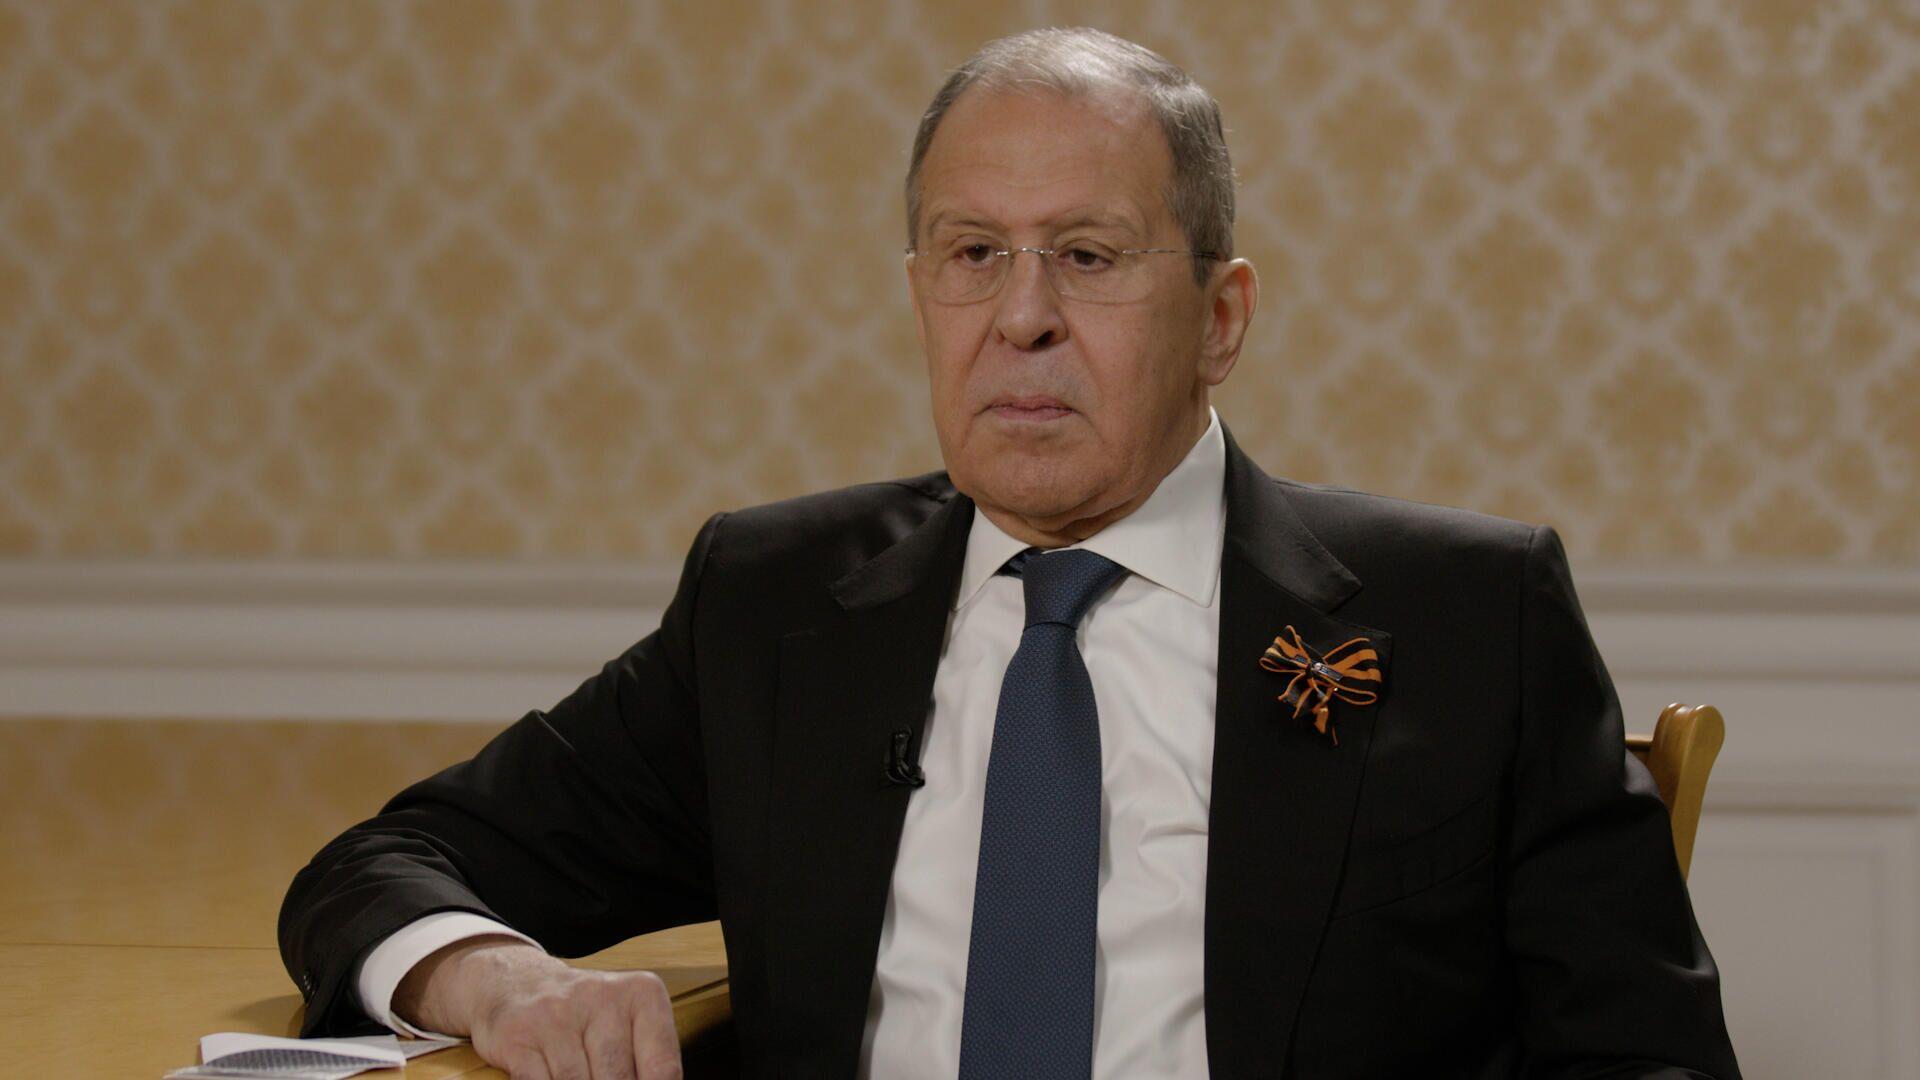 Das Interview von Außenminister Sergej Lawrow vom 28. April 2021 über die Liste der unfreundlichen Staaten, Ukraine, USA, und mehr